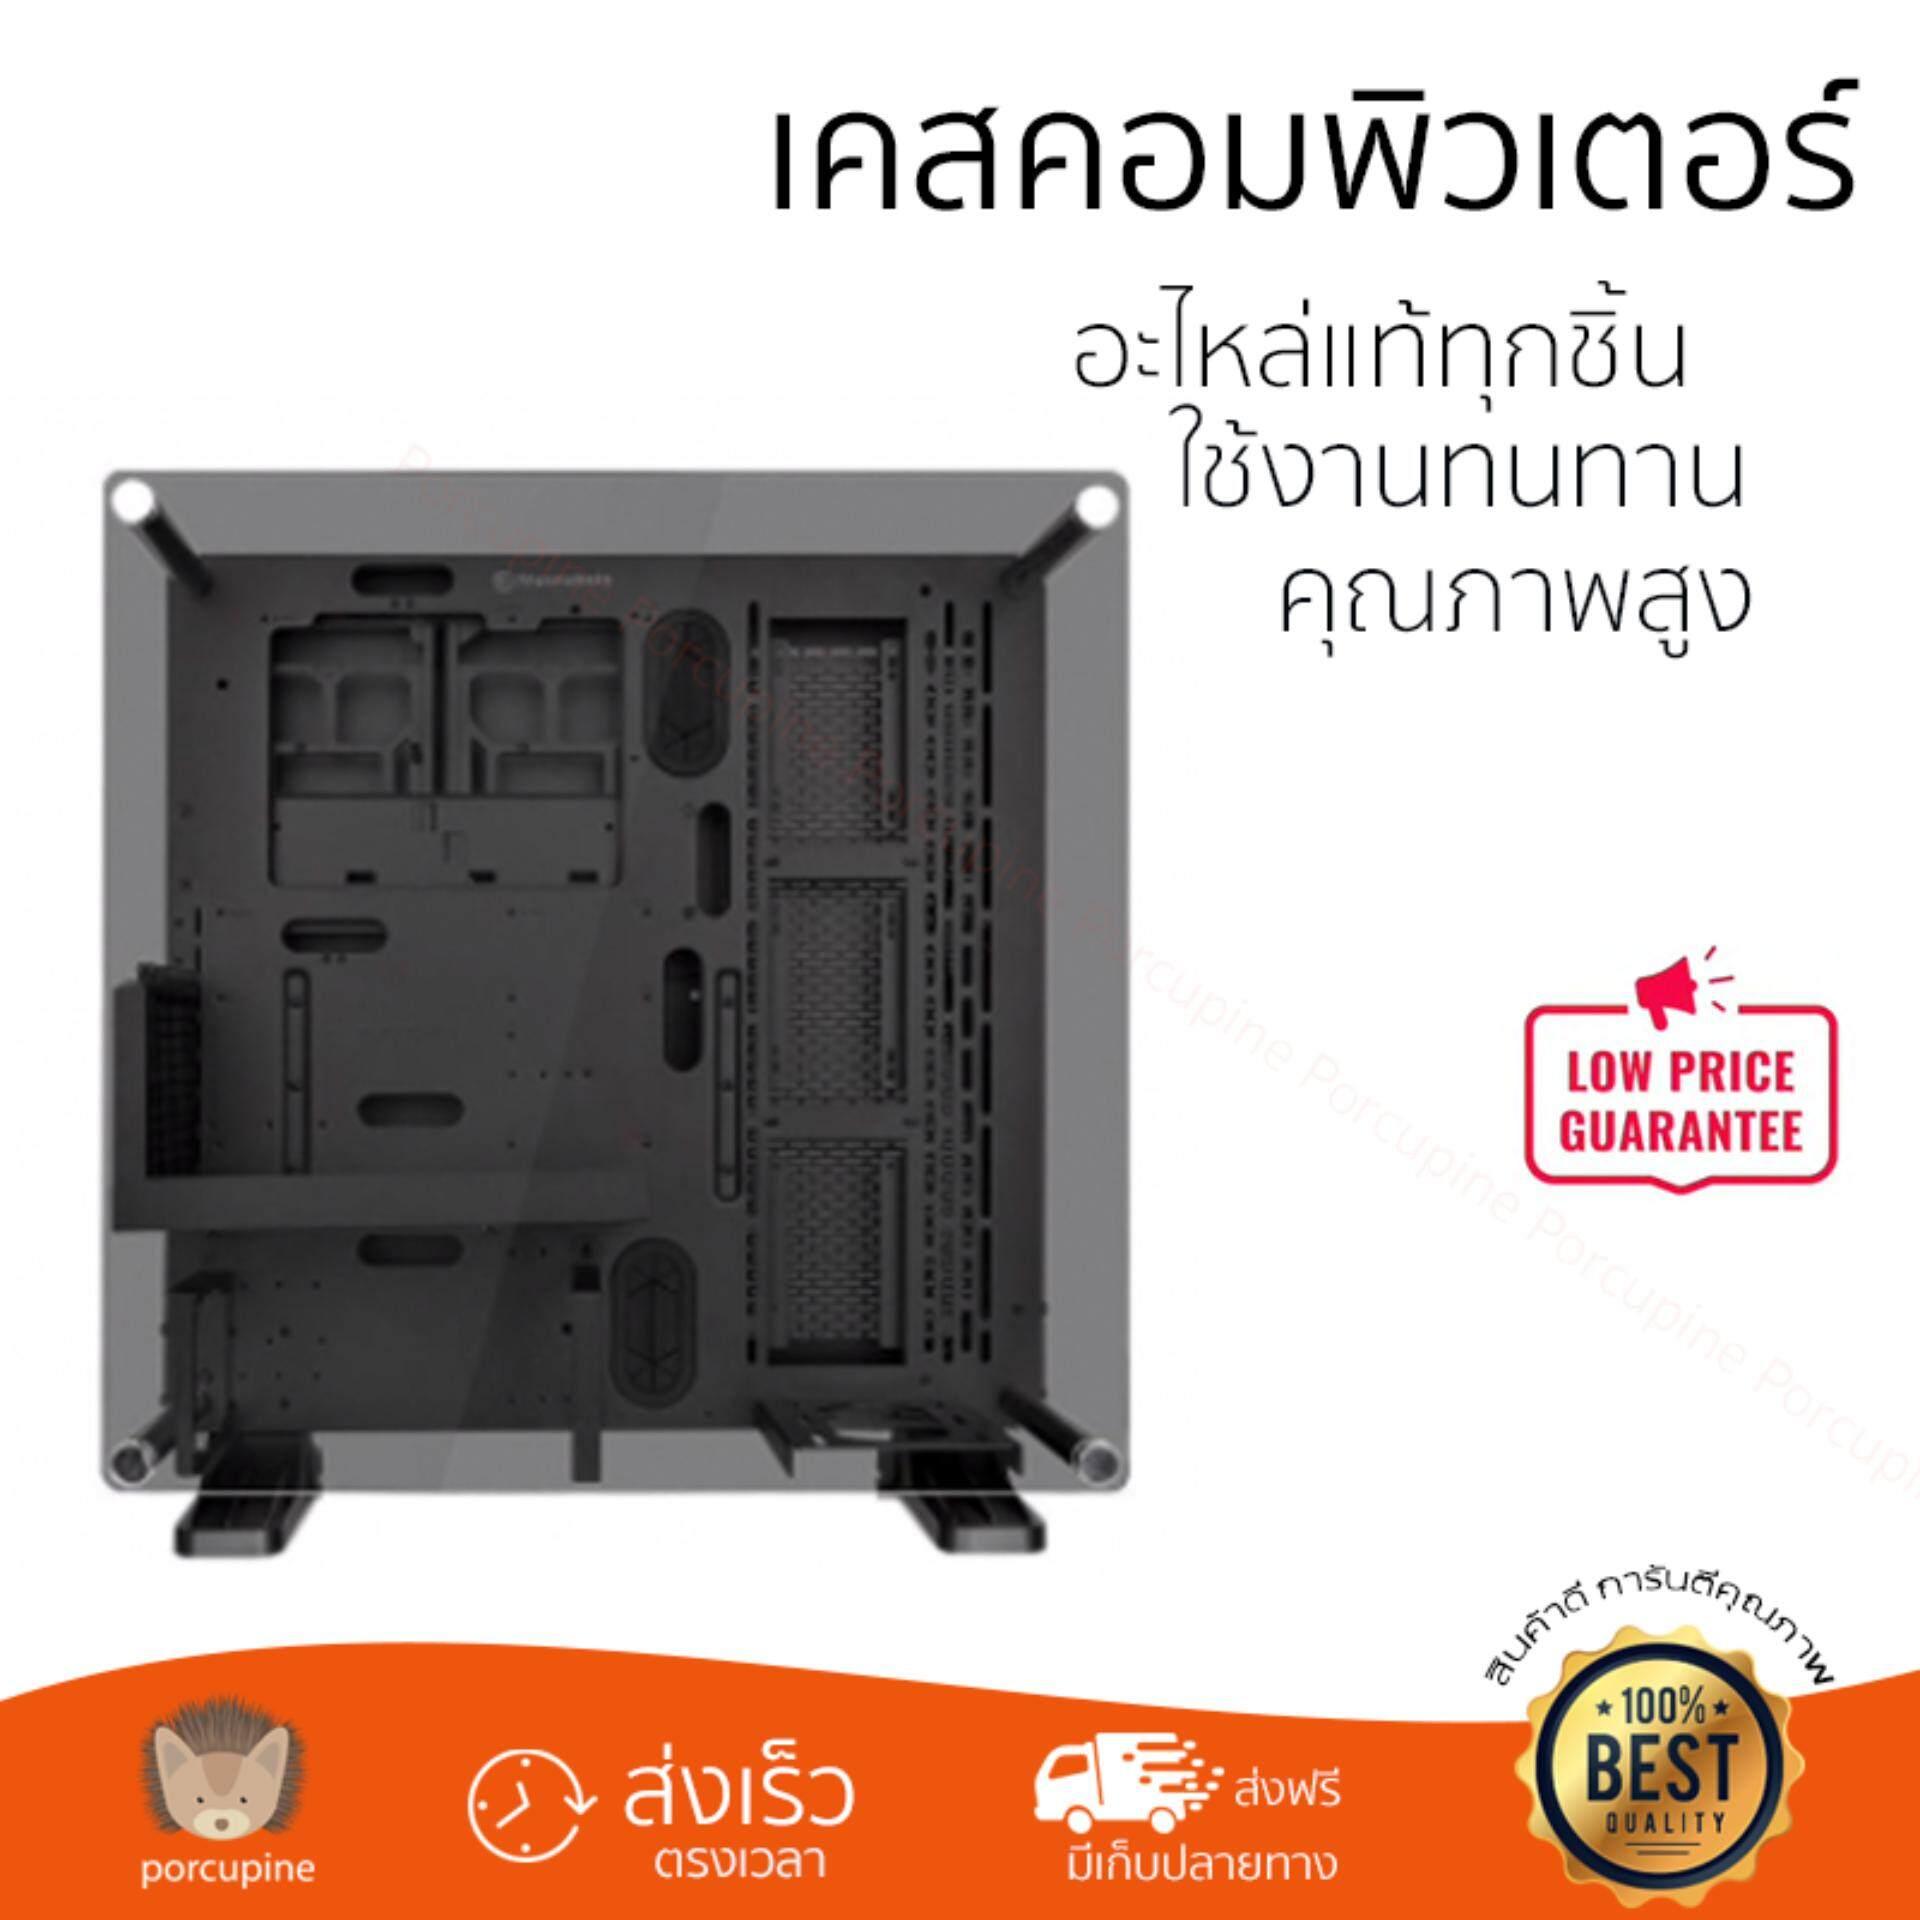 ราคาพิเศษ เคสคอมพิวเตอร์  Thermaltake Computer Case Core P3 TG Black ทนทาน อะไหล่แท้ทุกชิ้น Computer Case  จัดส่งฟรี Kerry ทั่วประเทศ